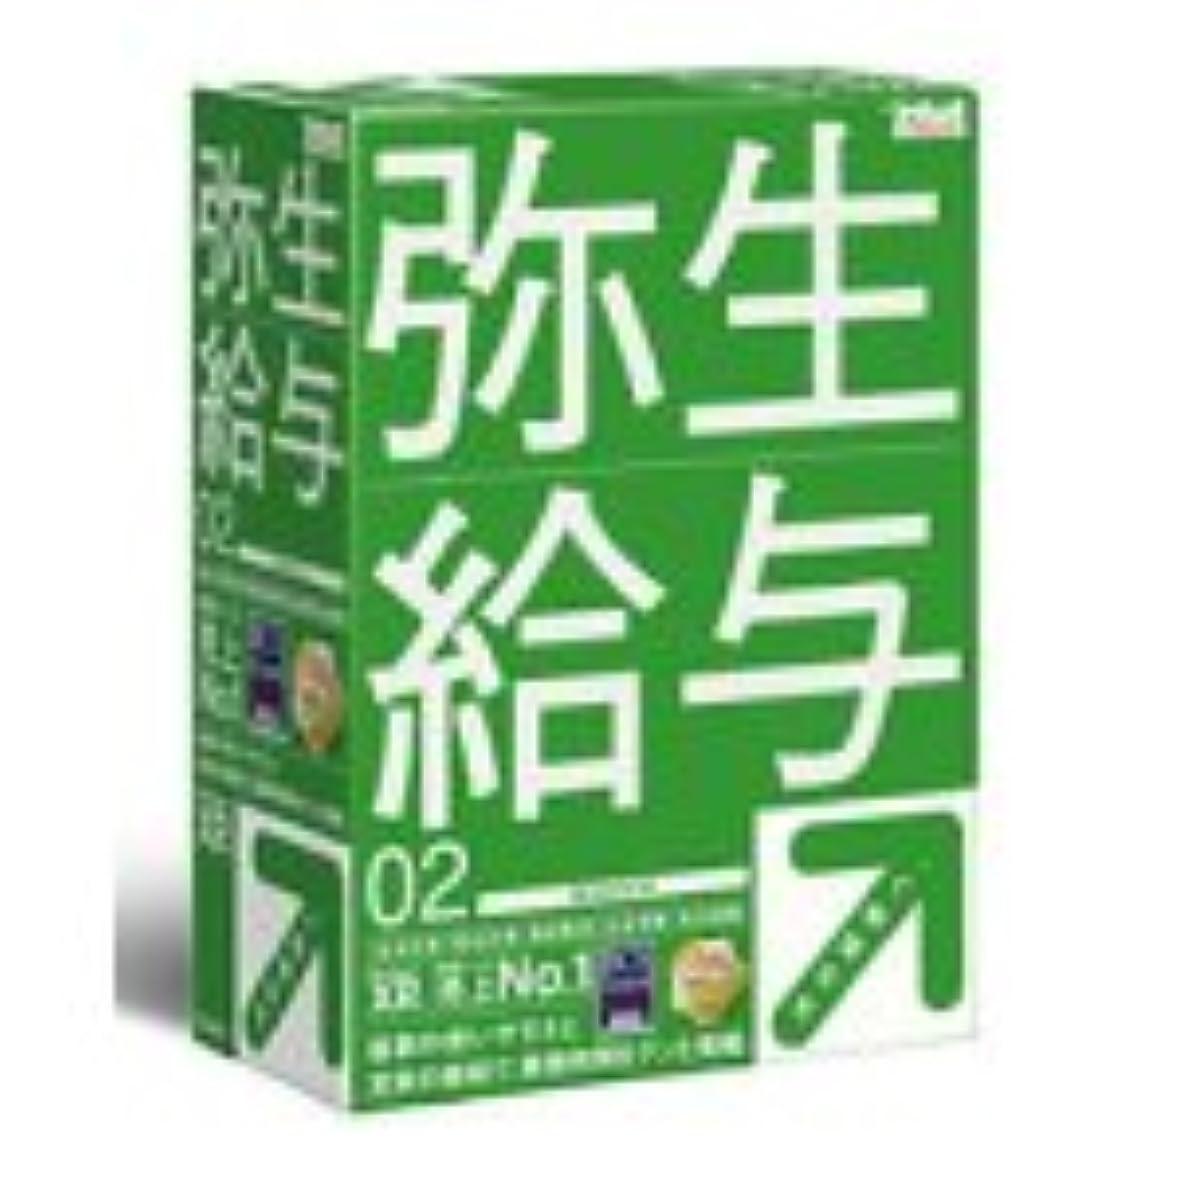 苦難関係喉頭【旧商品】弥生給与 02